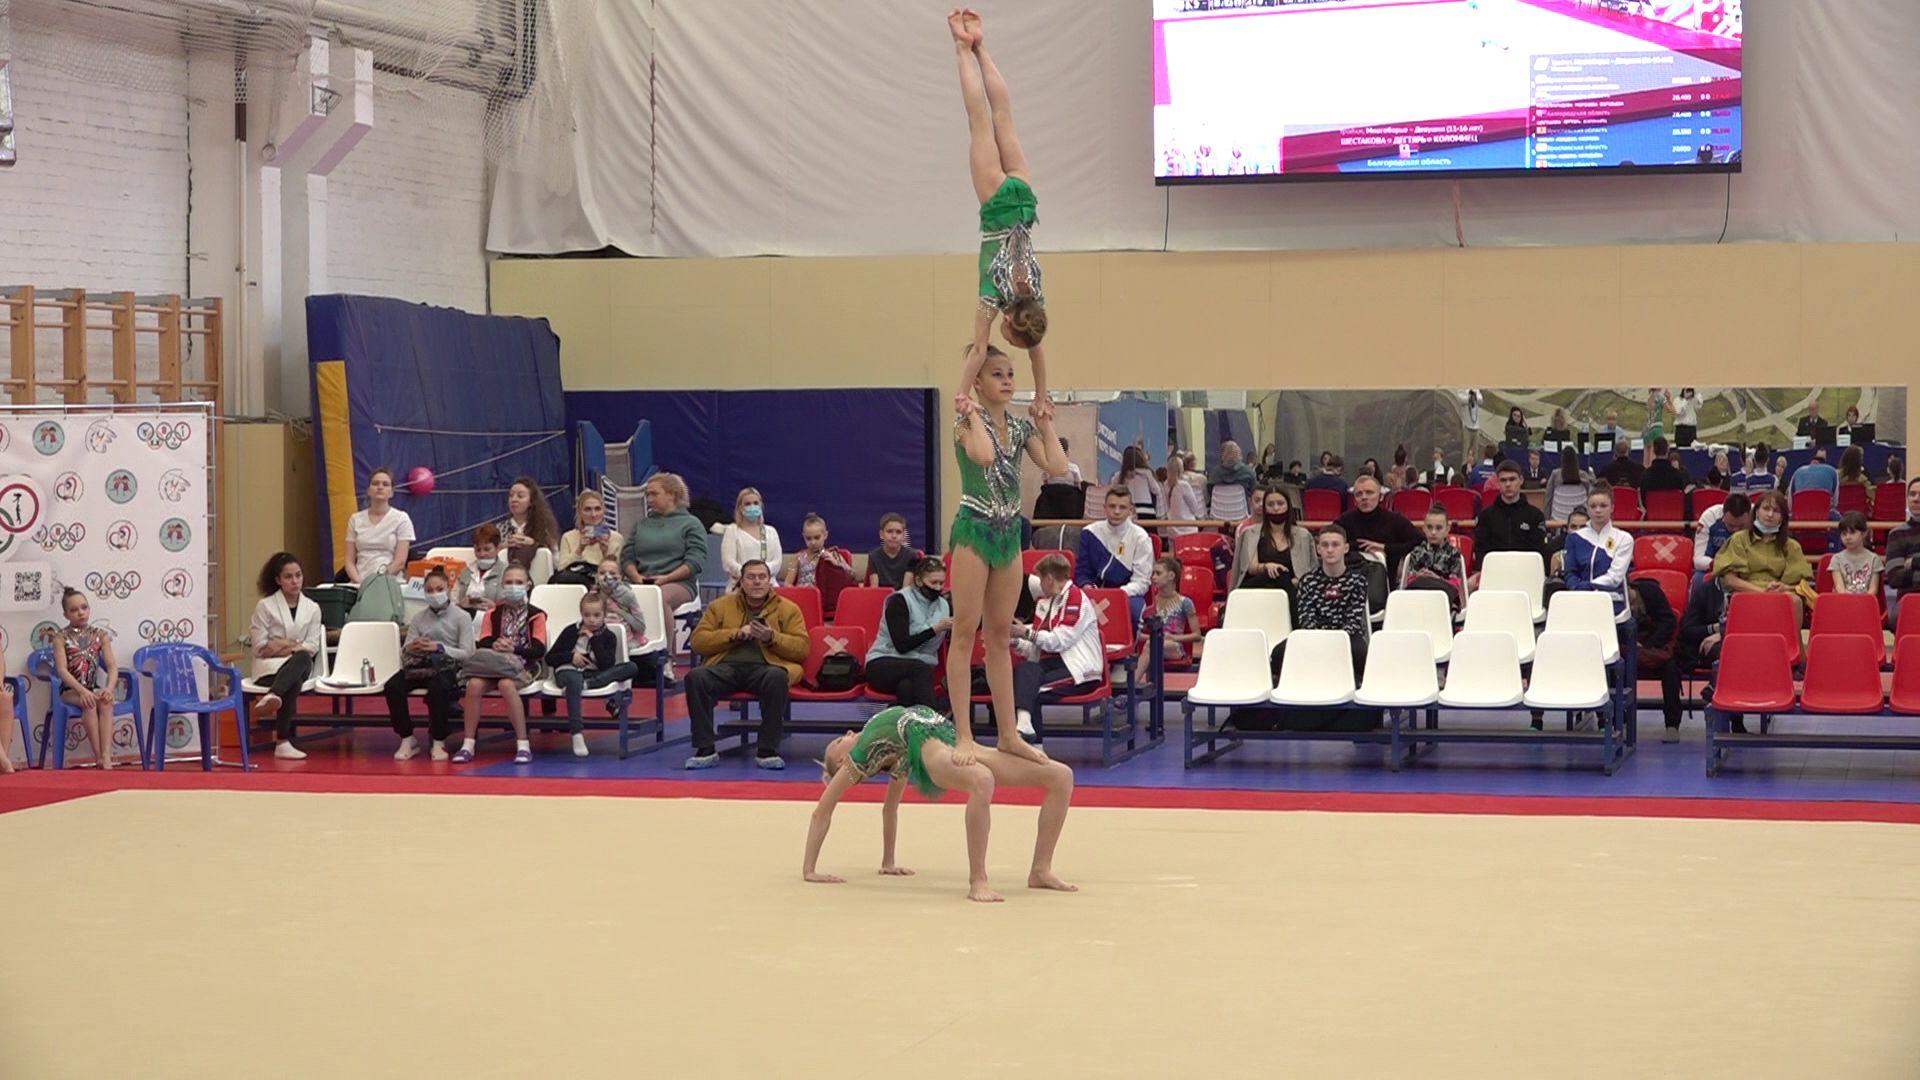 В Ярославле стартовал чемпионат и первенство ЦФО по спортивной акробатике